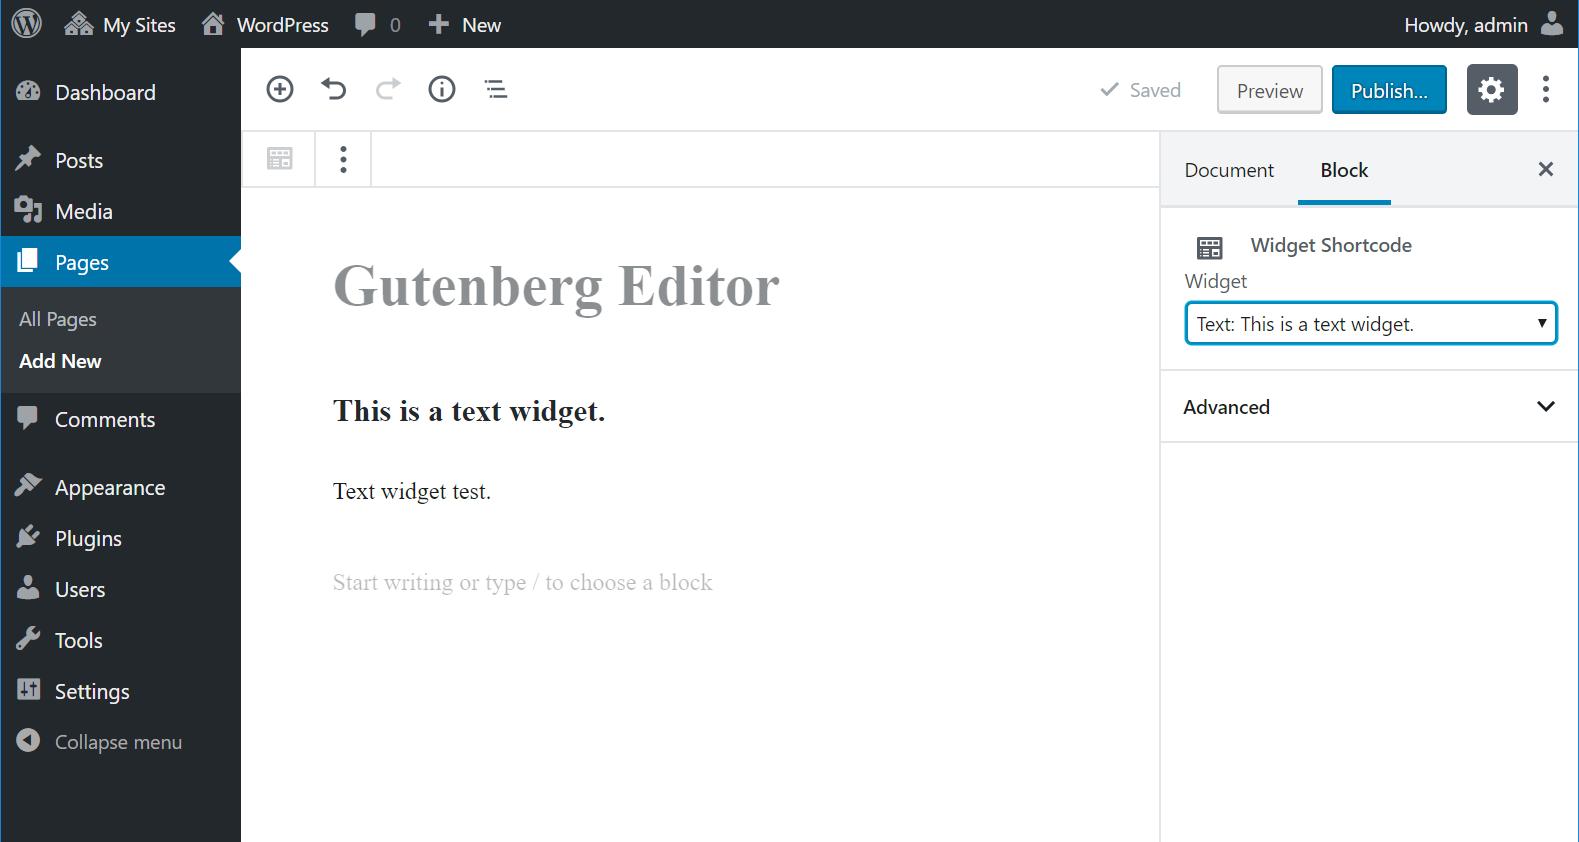 The new Widget Shortcode block in Gutenberg